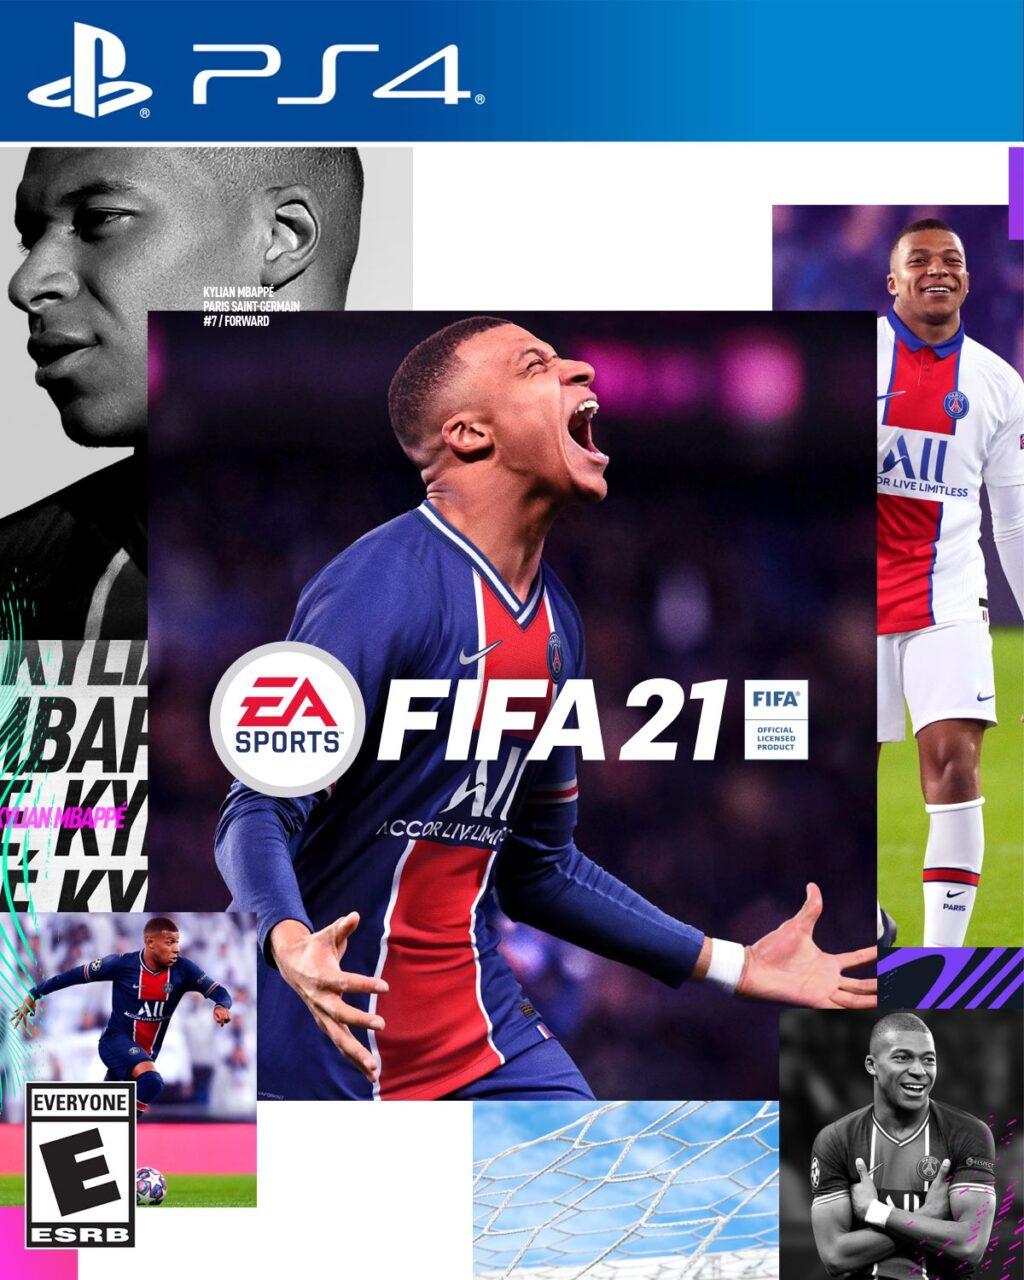 Mbappé es la portada del videojuego FIFA 21 22/07/2020